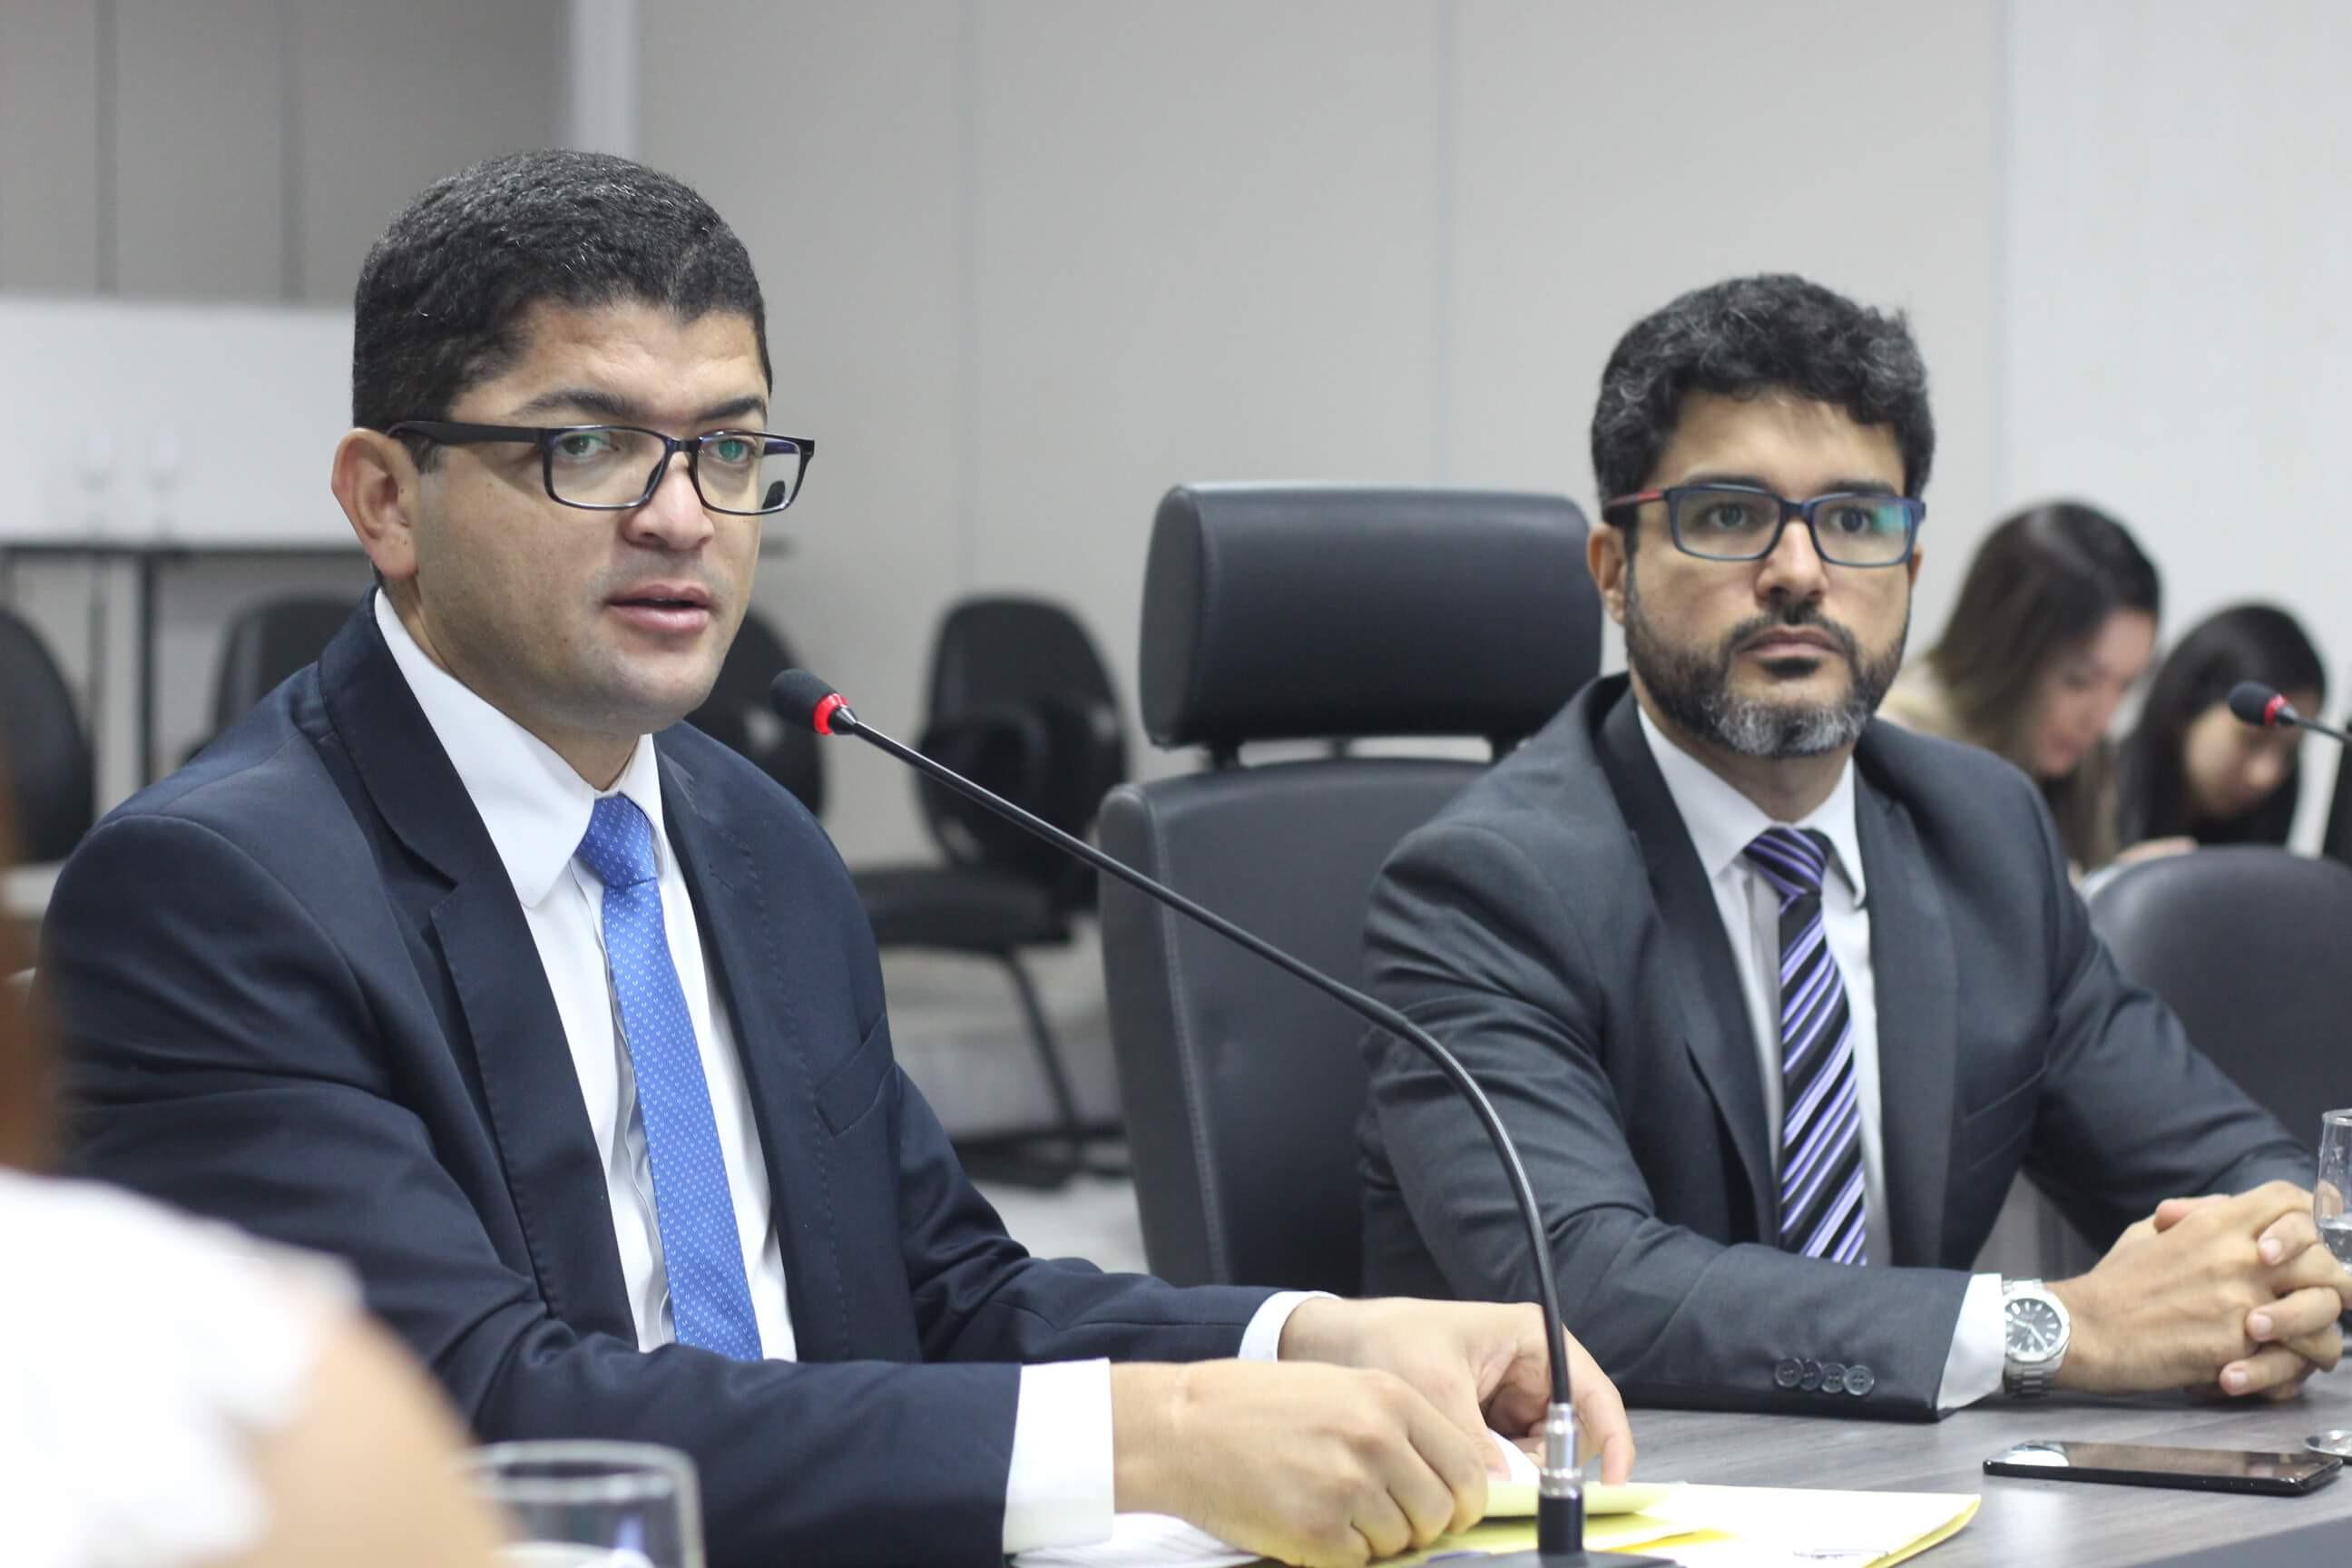 Concursos Alagoas 2018/2019: secretário fala sobre novas seleções